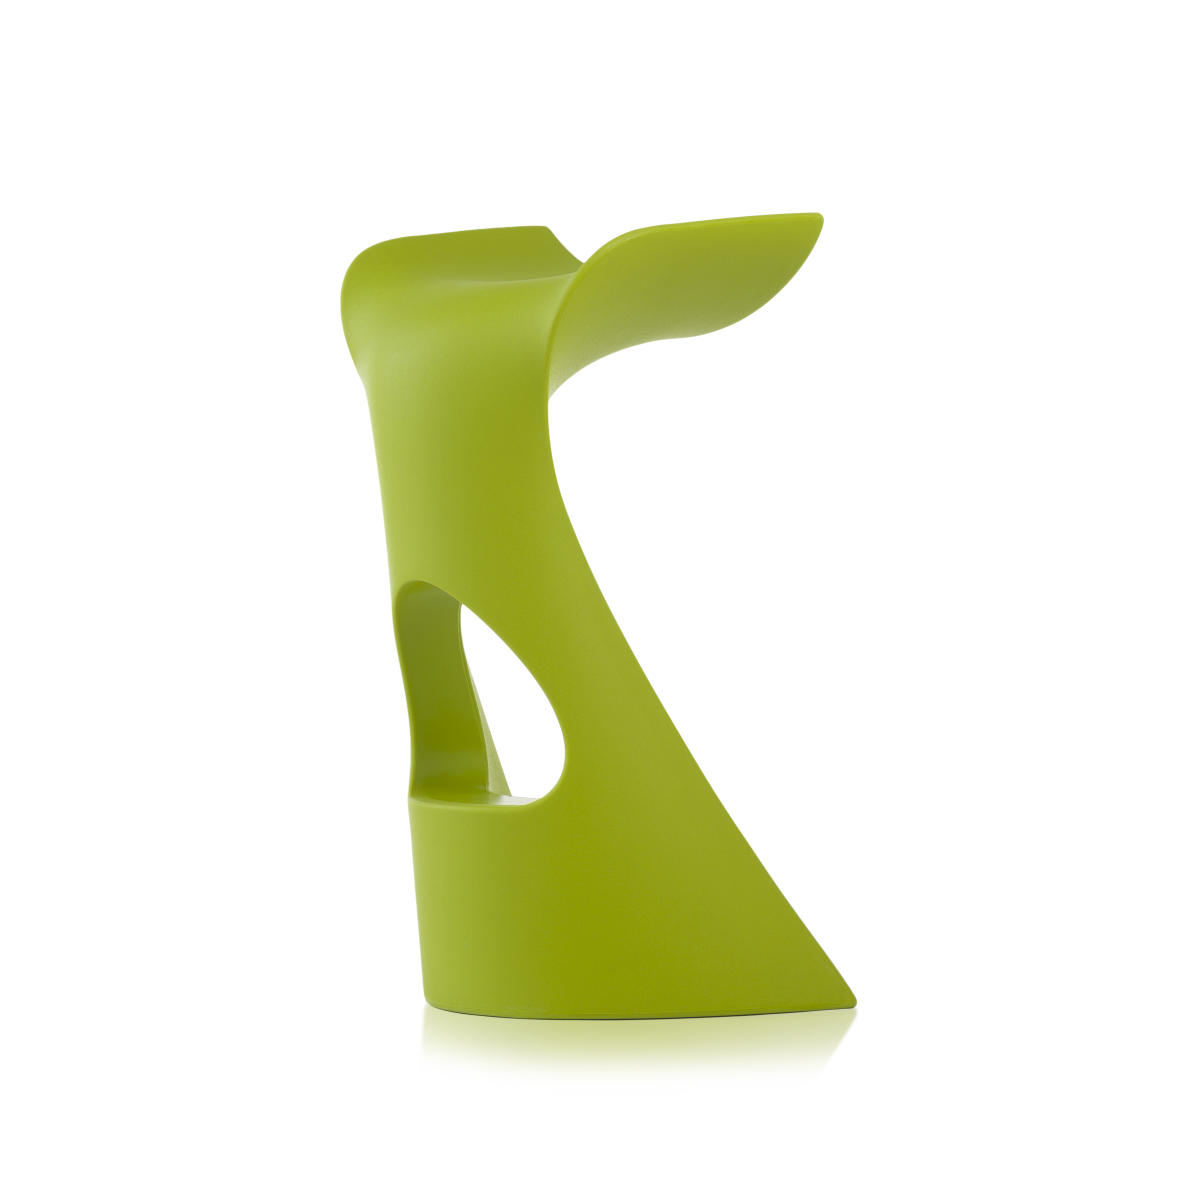 KONCORD Barhocker von Karim Rashid lime green